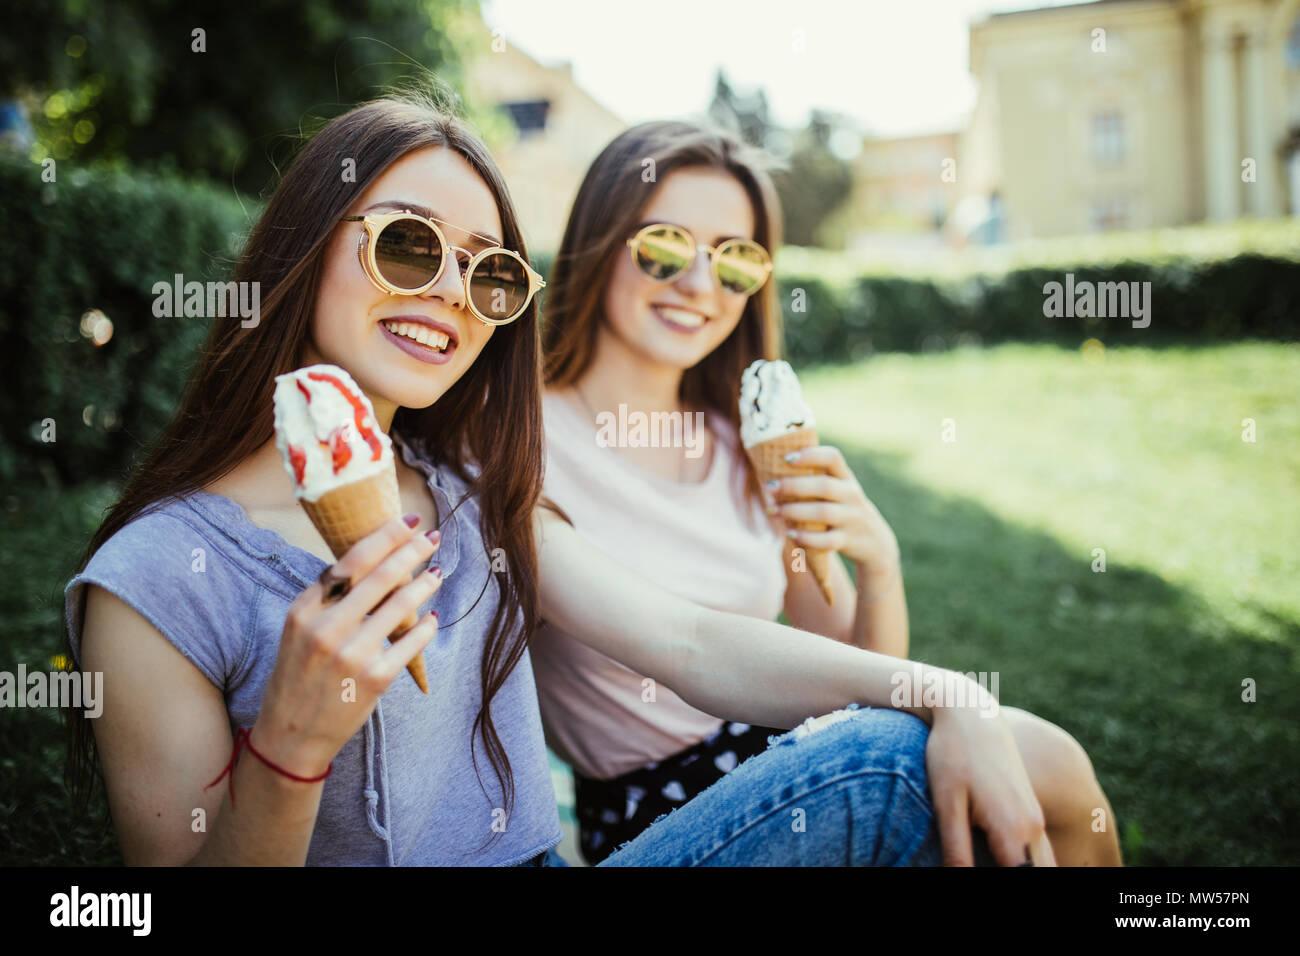 Dos mujeres jóvenes amigos comer helado sentado en la hierba en las calles de la ciudad Imagen De Stock